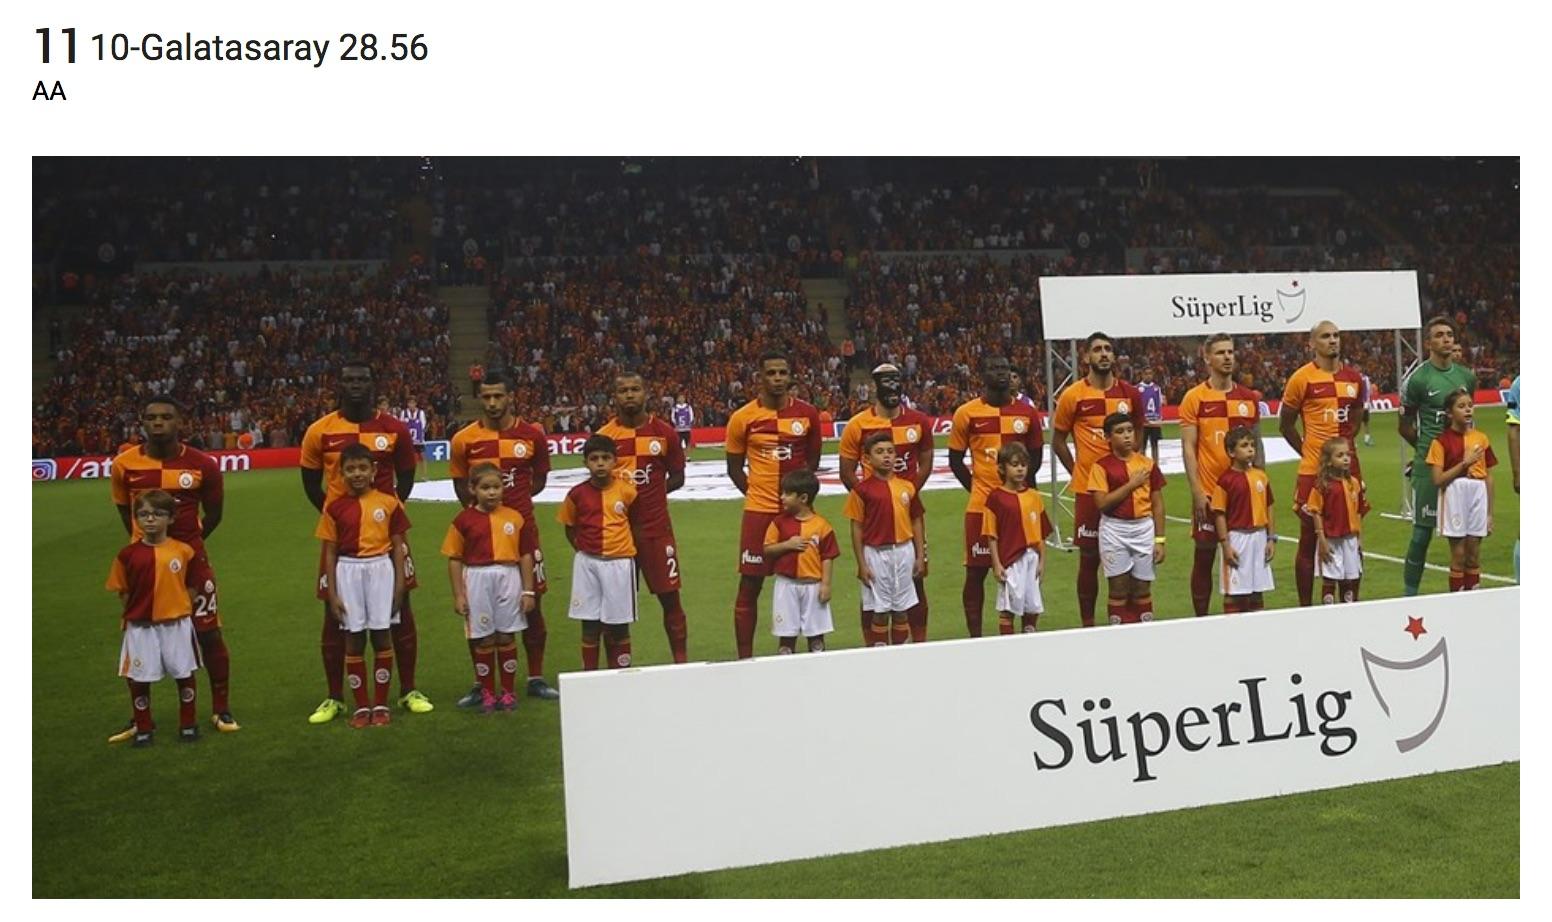 Kural hatası var denen Fenerbahçe-Kasımpaşa maçının hakem raporu ortaya çıktı 14